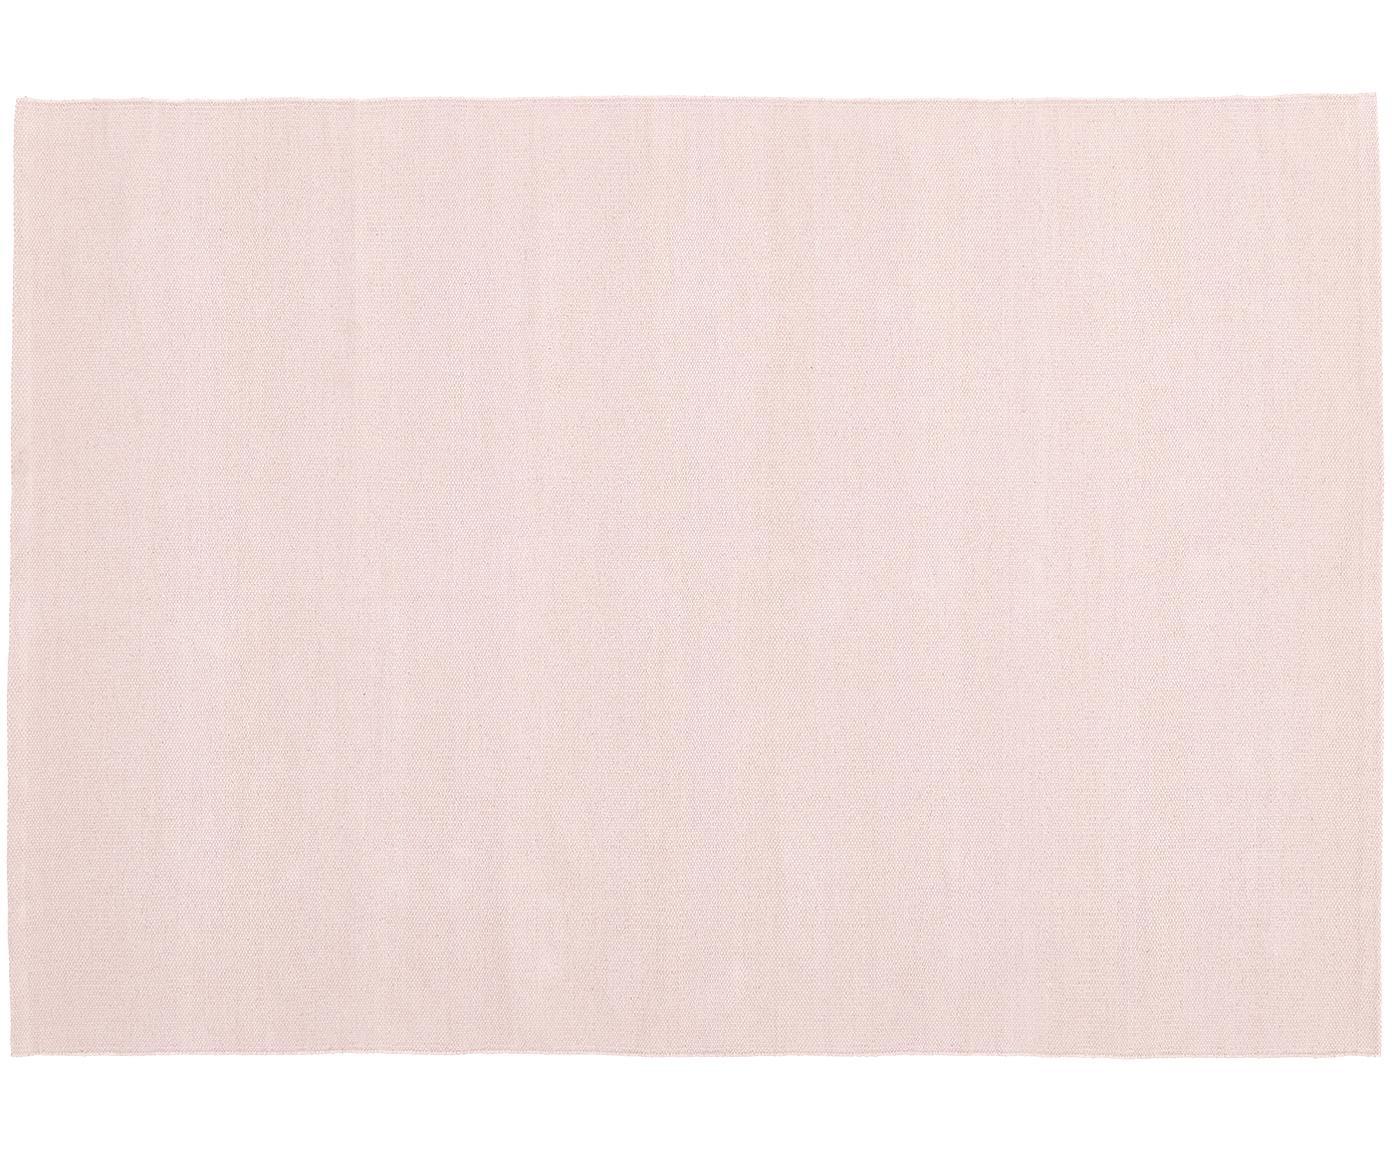 Ręcznie tkany dywan z bawełny Agneta, Bawełna, Blady różowy, S 200 x D 300 cm